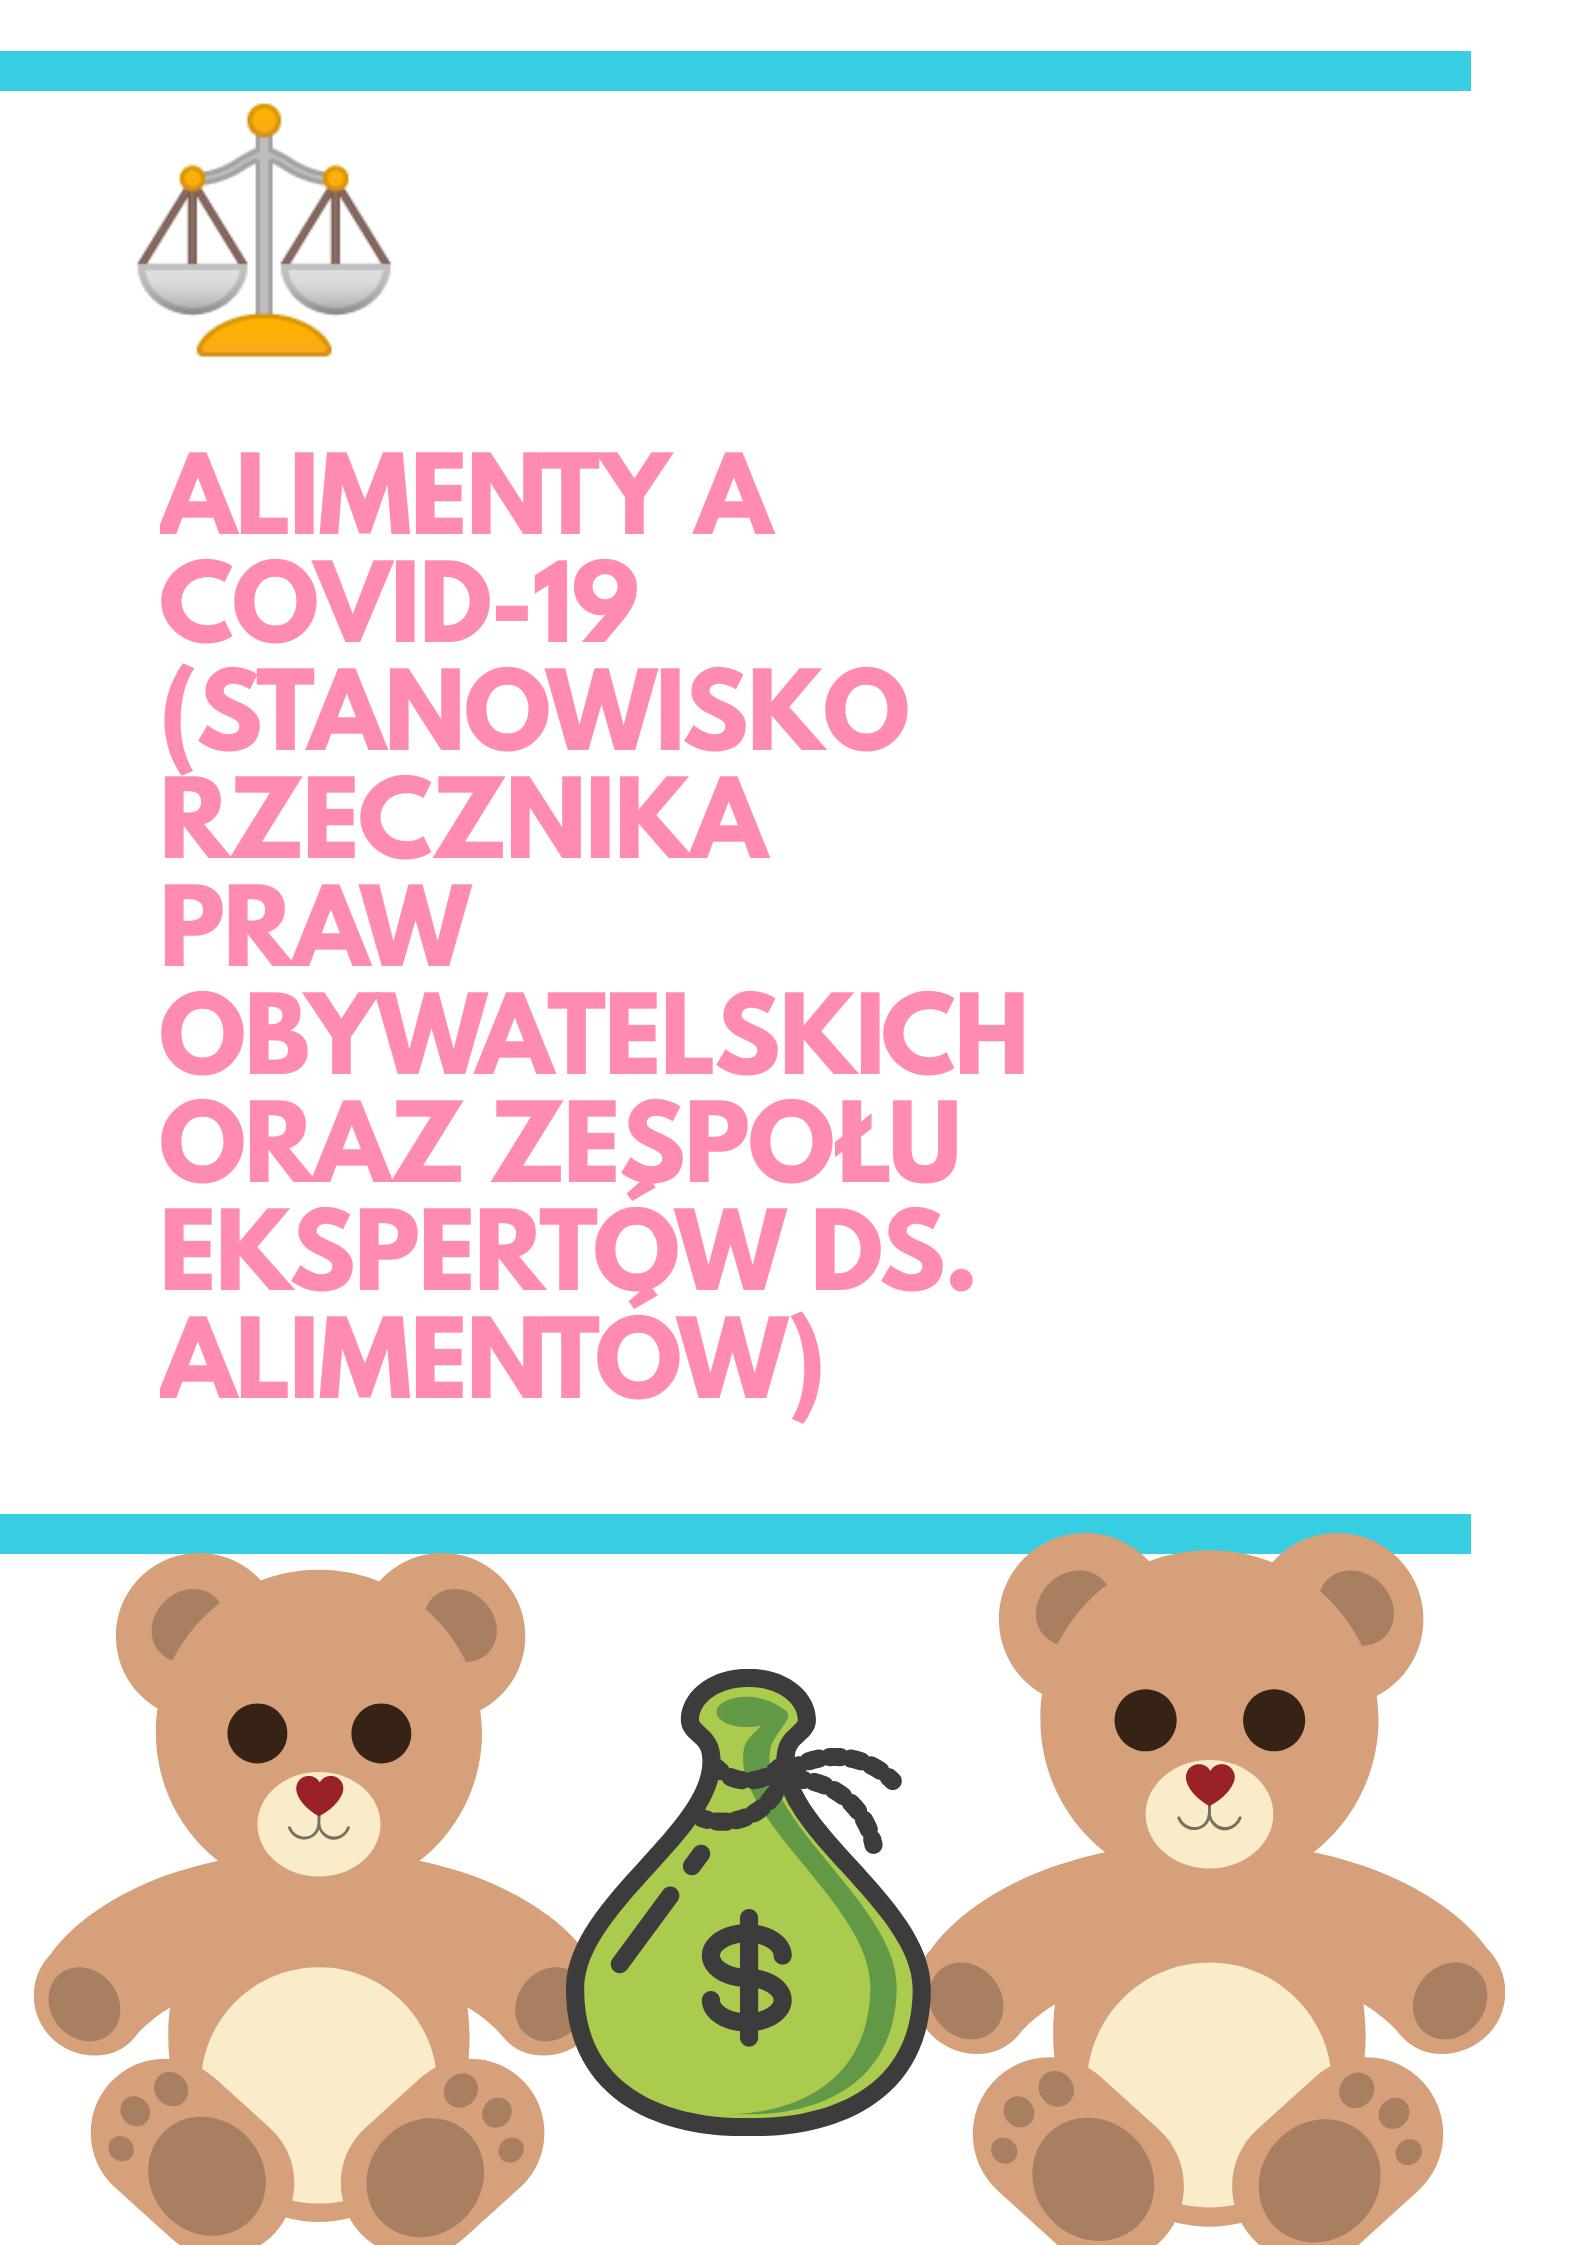 ALIMENTY A COVID-19 (STANOWISKO RZECZNIKA PRAW OBYWATELSKICH ORAZ ZESPOŁU EKSPERT ÓW DS. ALIMENTÓW).